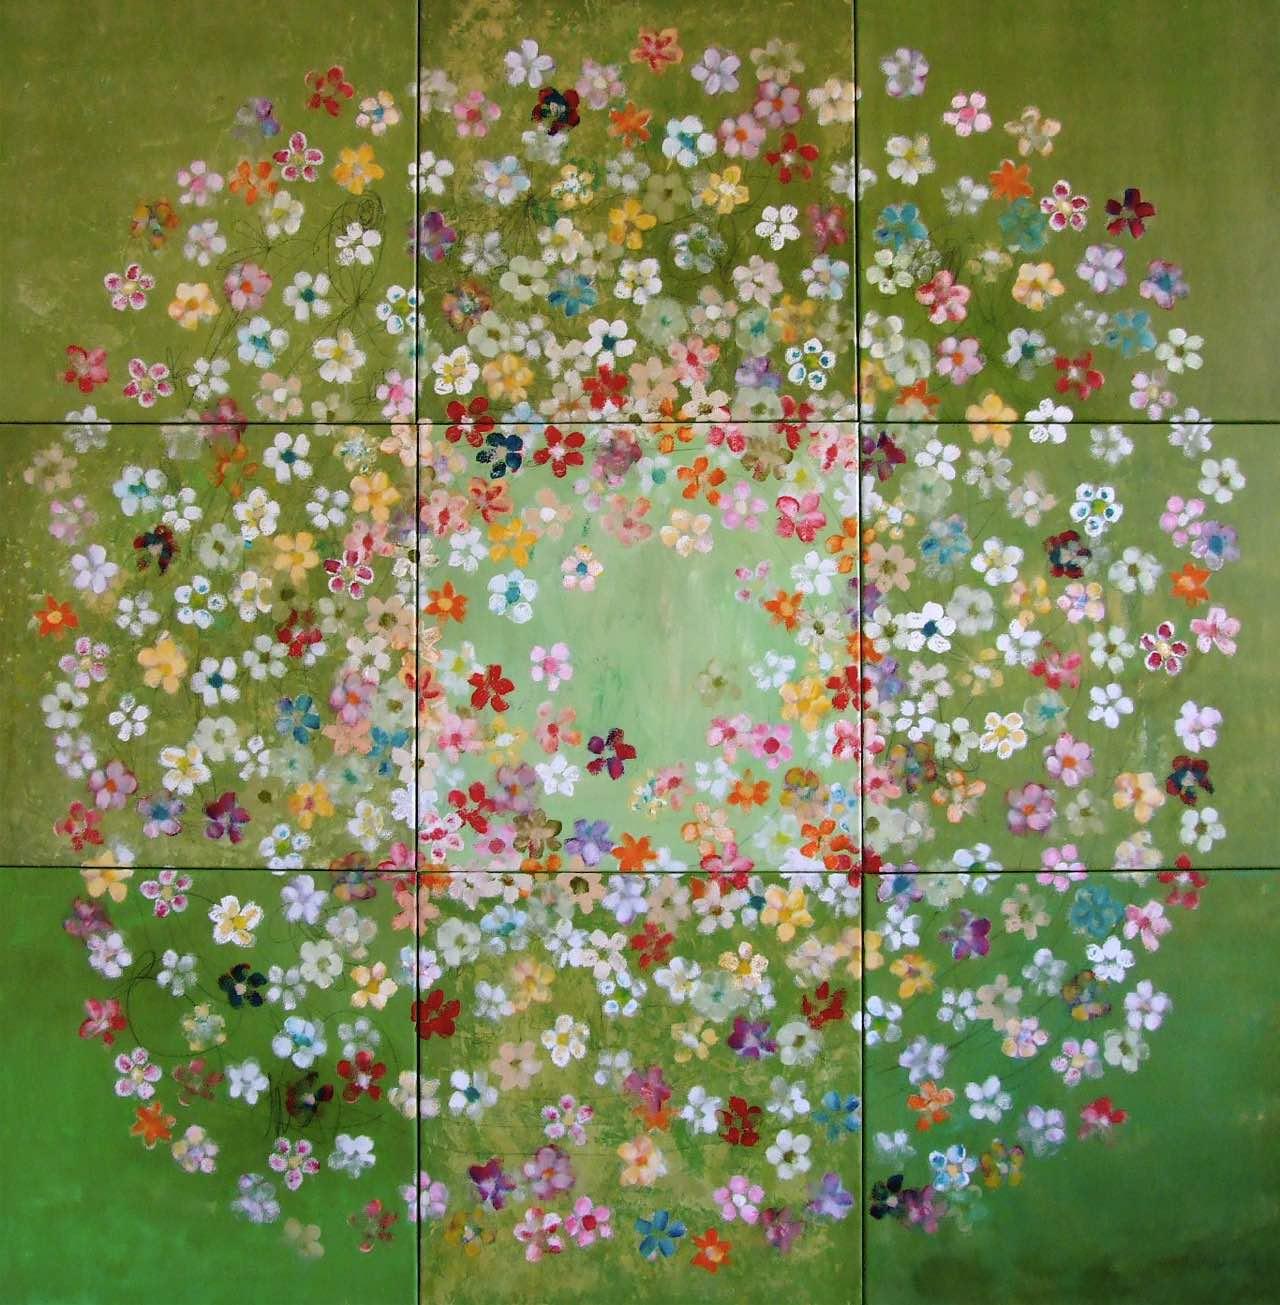 Blütenpracht 150 x 150 cm, gestempelte Blüten auf grünem Hintergrund